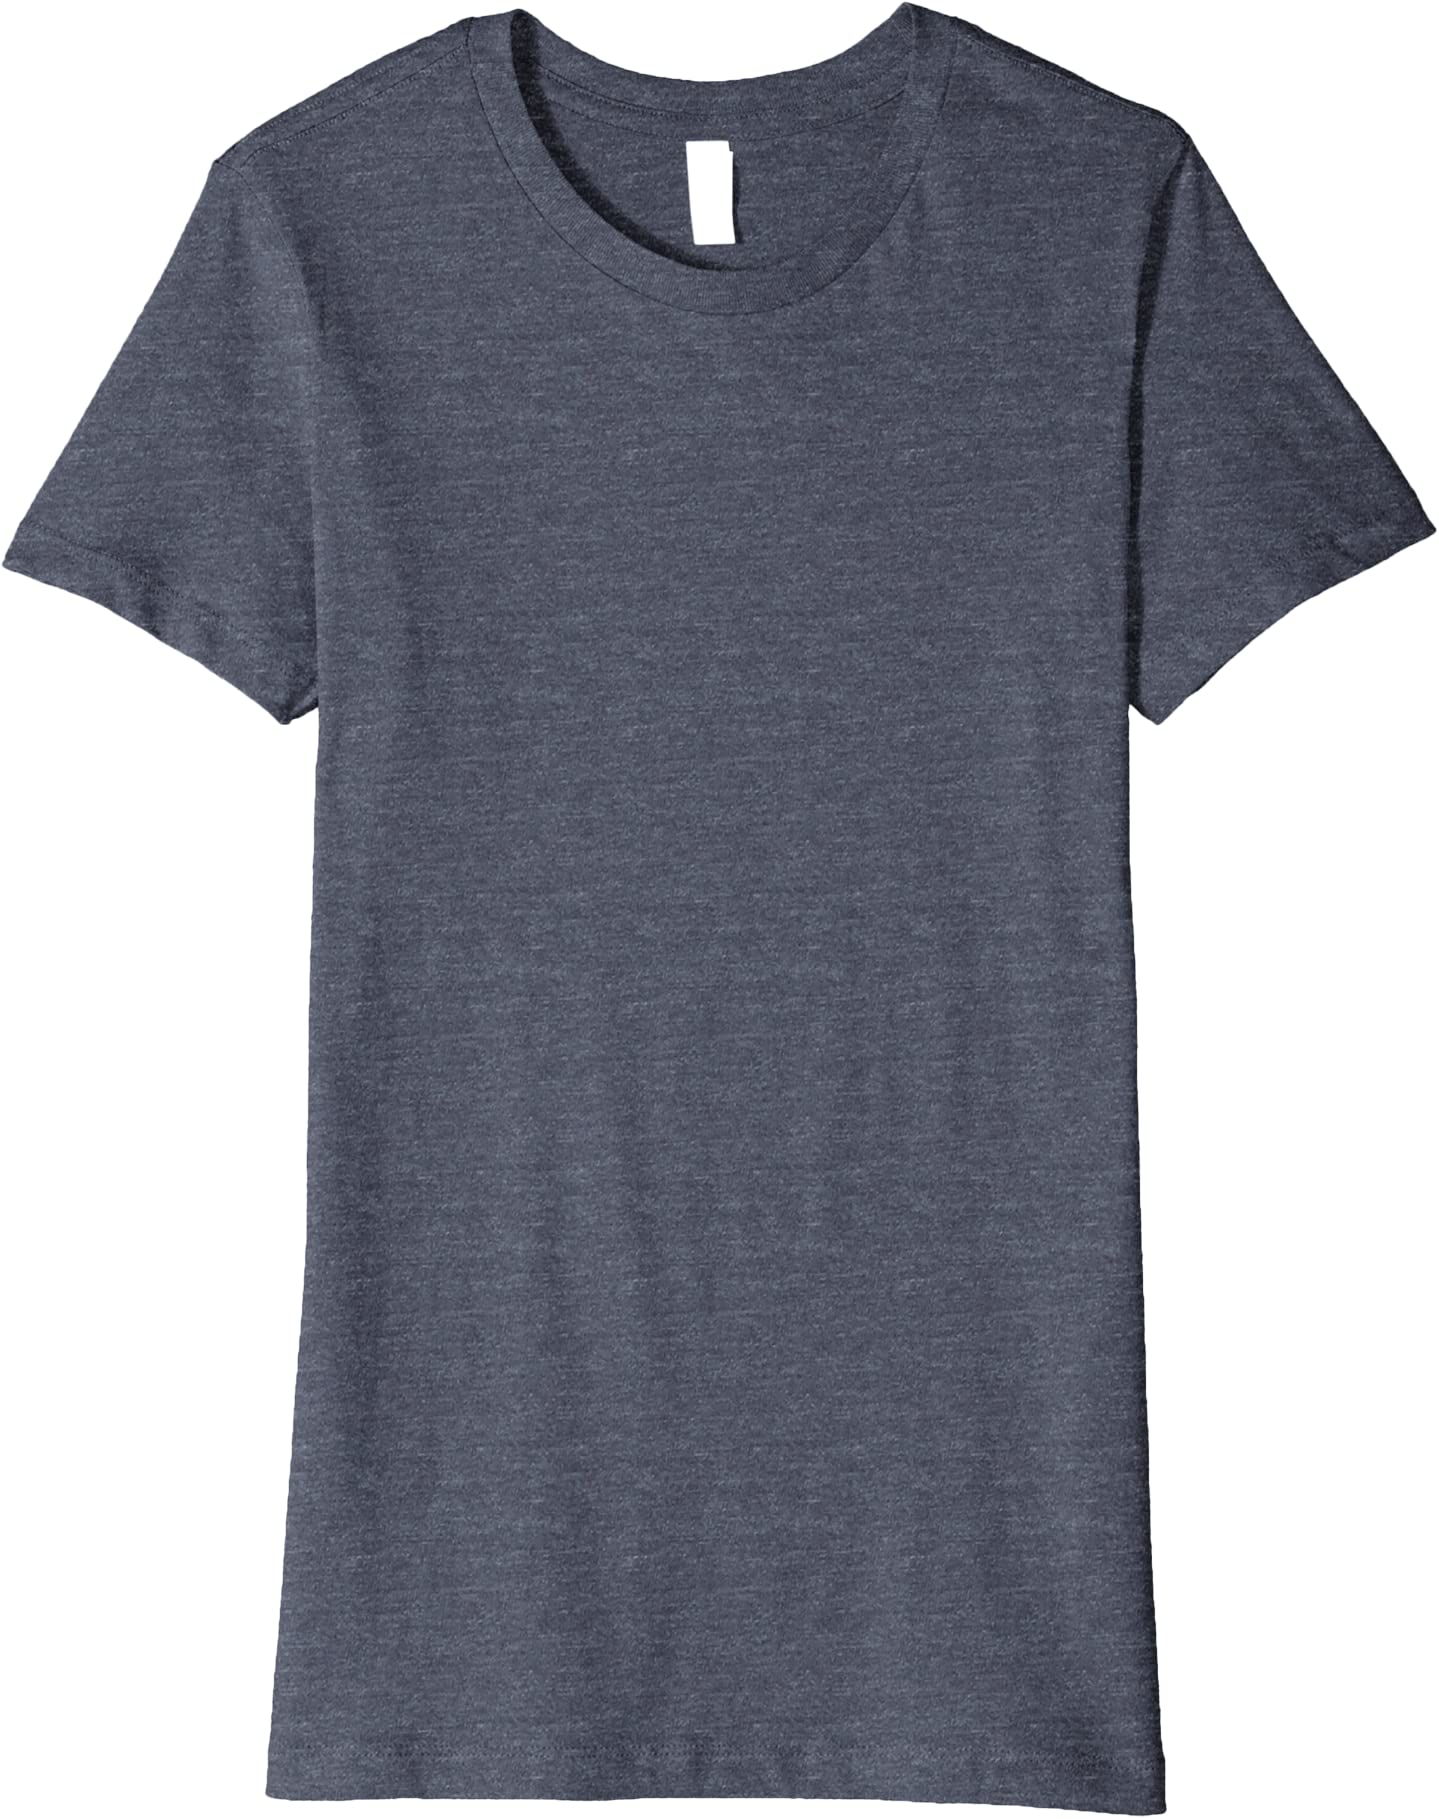 Grant Surname Mens T-Shirt 100/% Grant Name Gift Family